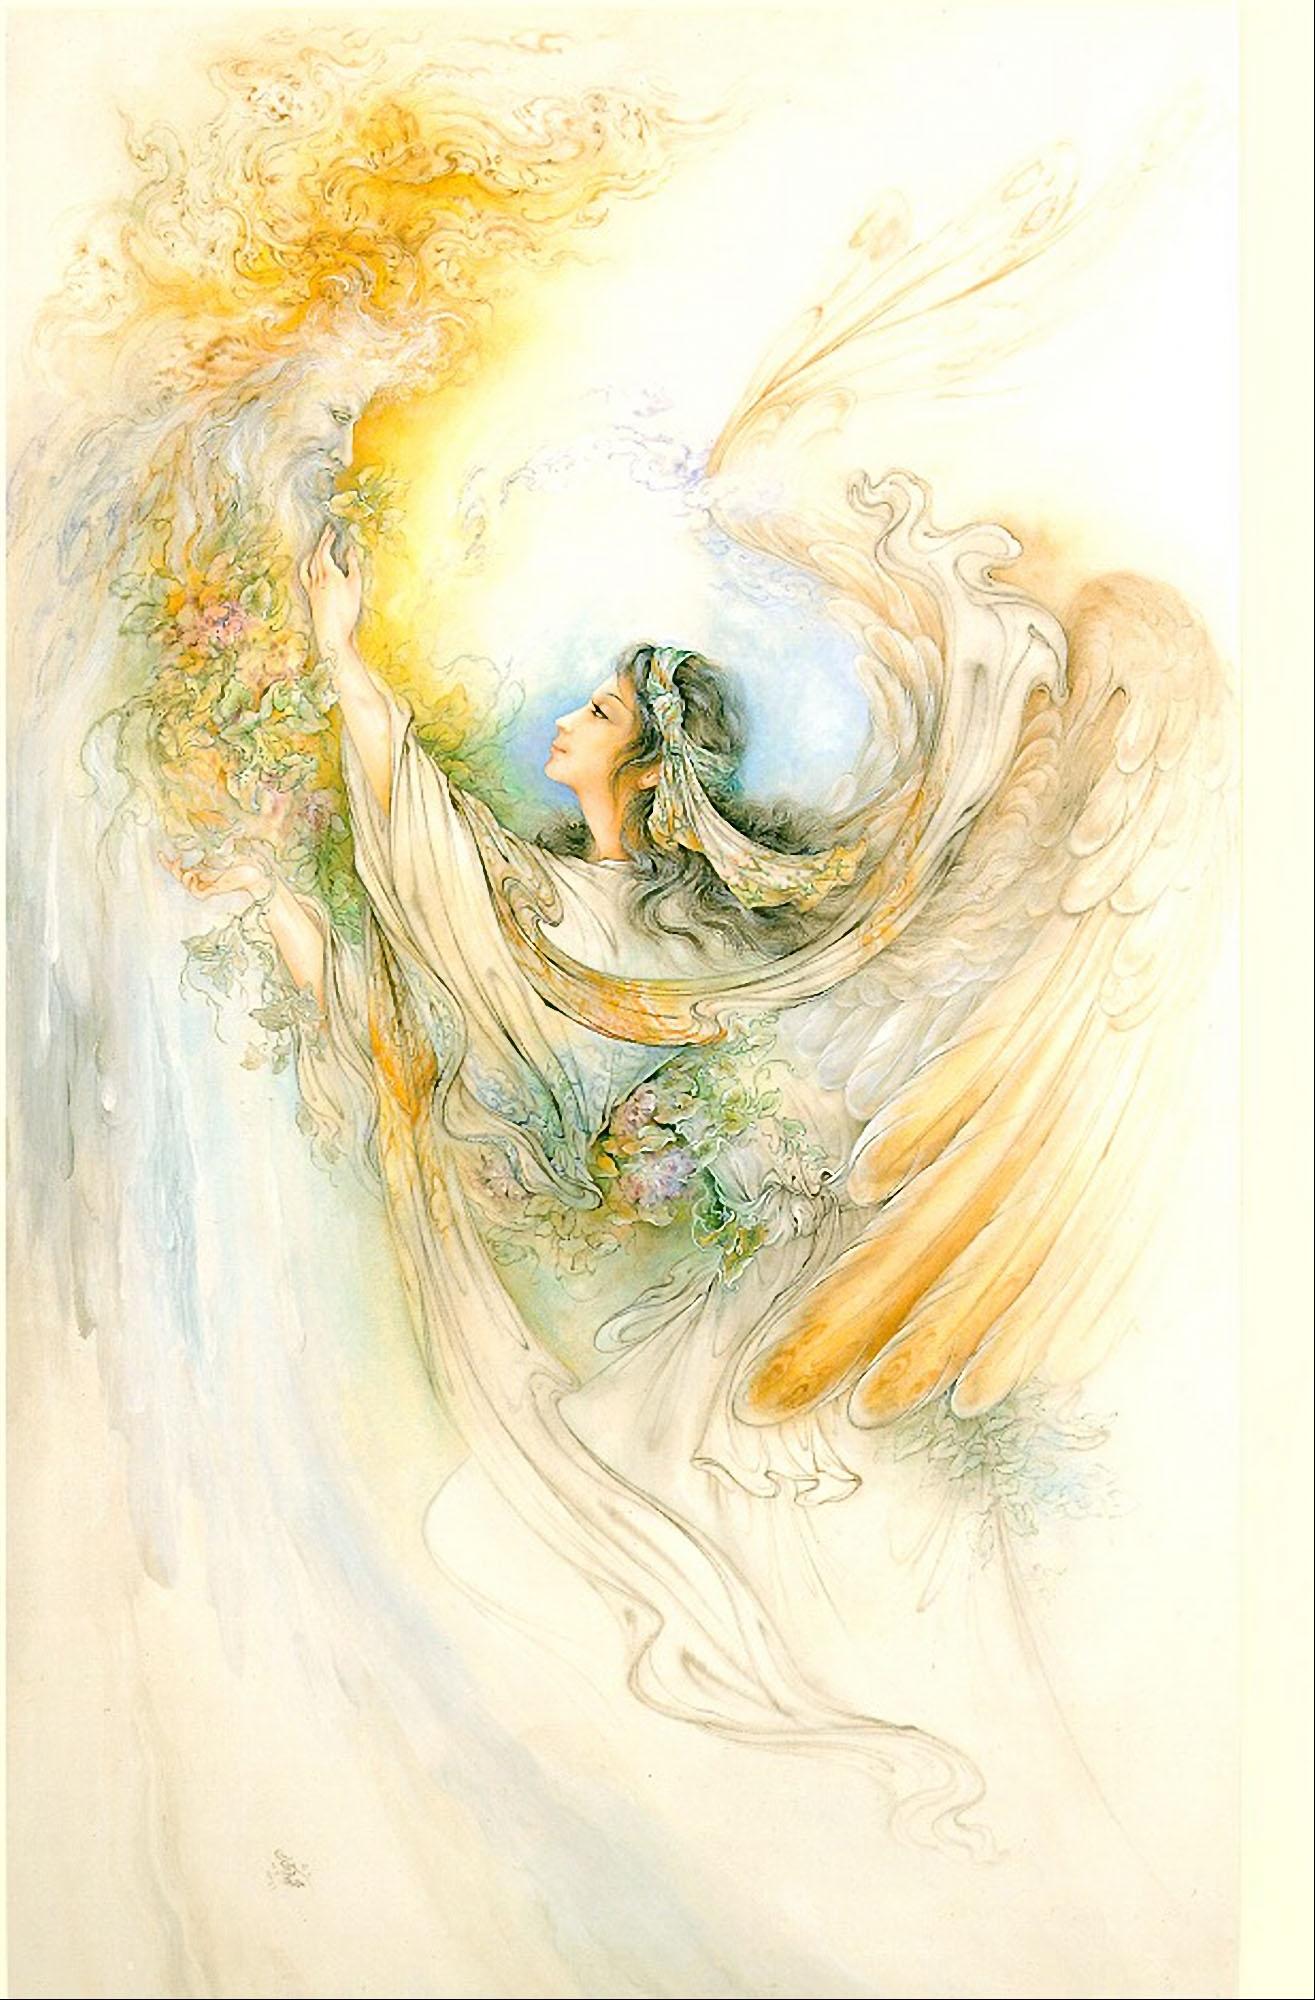 مینیاتور فرشته دعا - فرشچیان --- نقاشی زیبای فرشته دعا -  نقاشی مینیاتور - اثری بزرگ از استاد محمود فرشچیان استاد بزرگ مینیاتور ایران